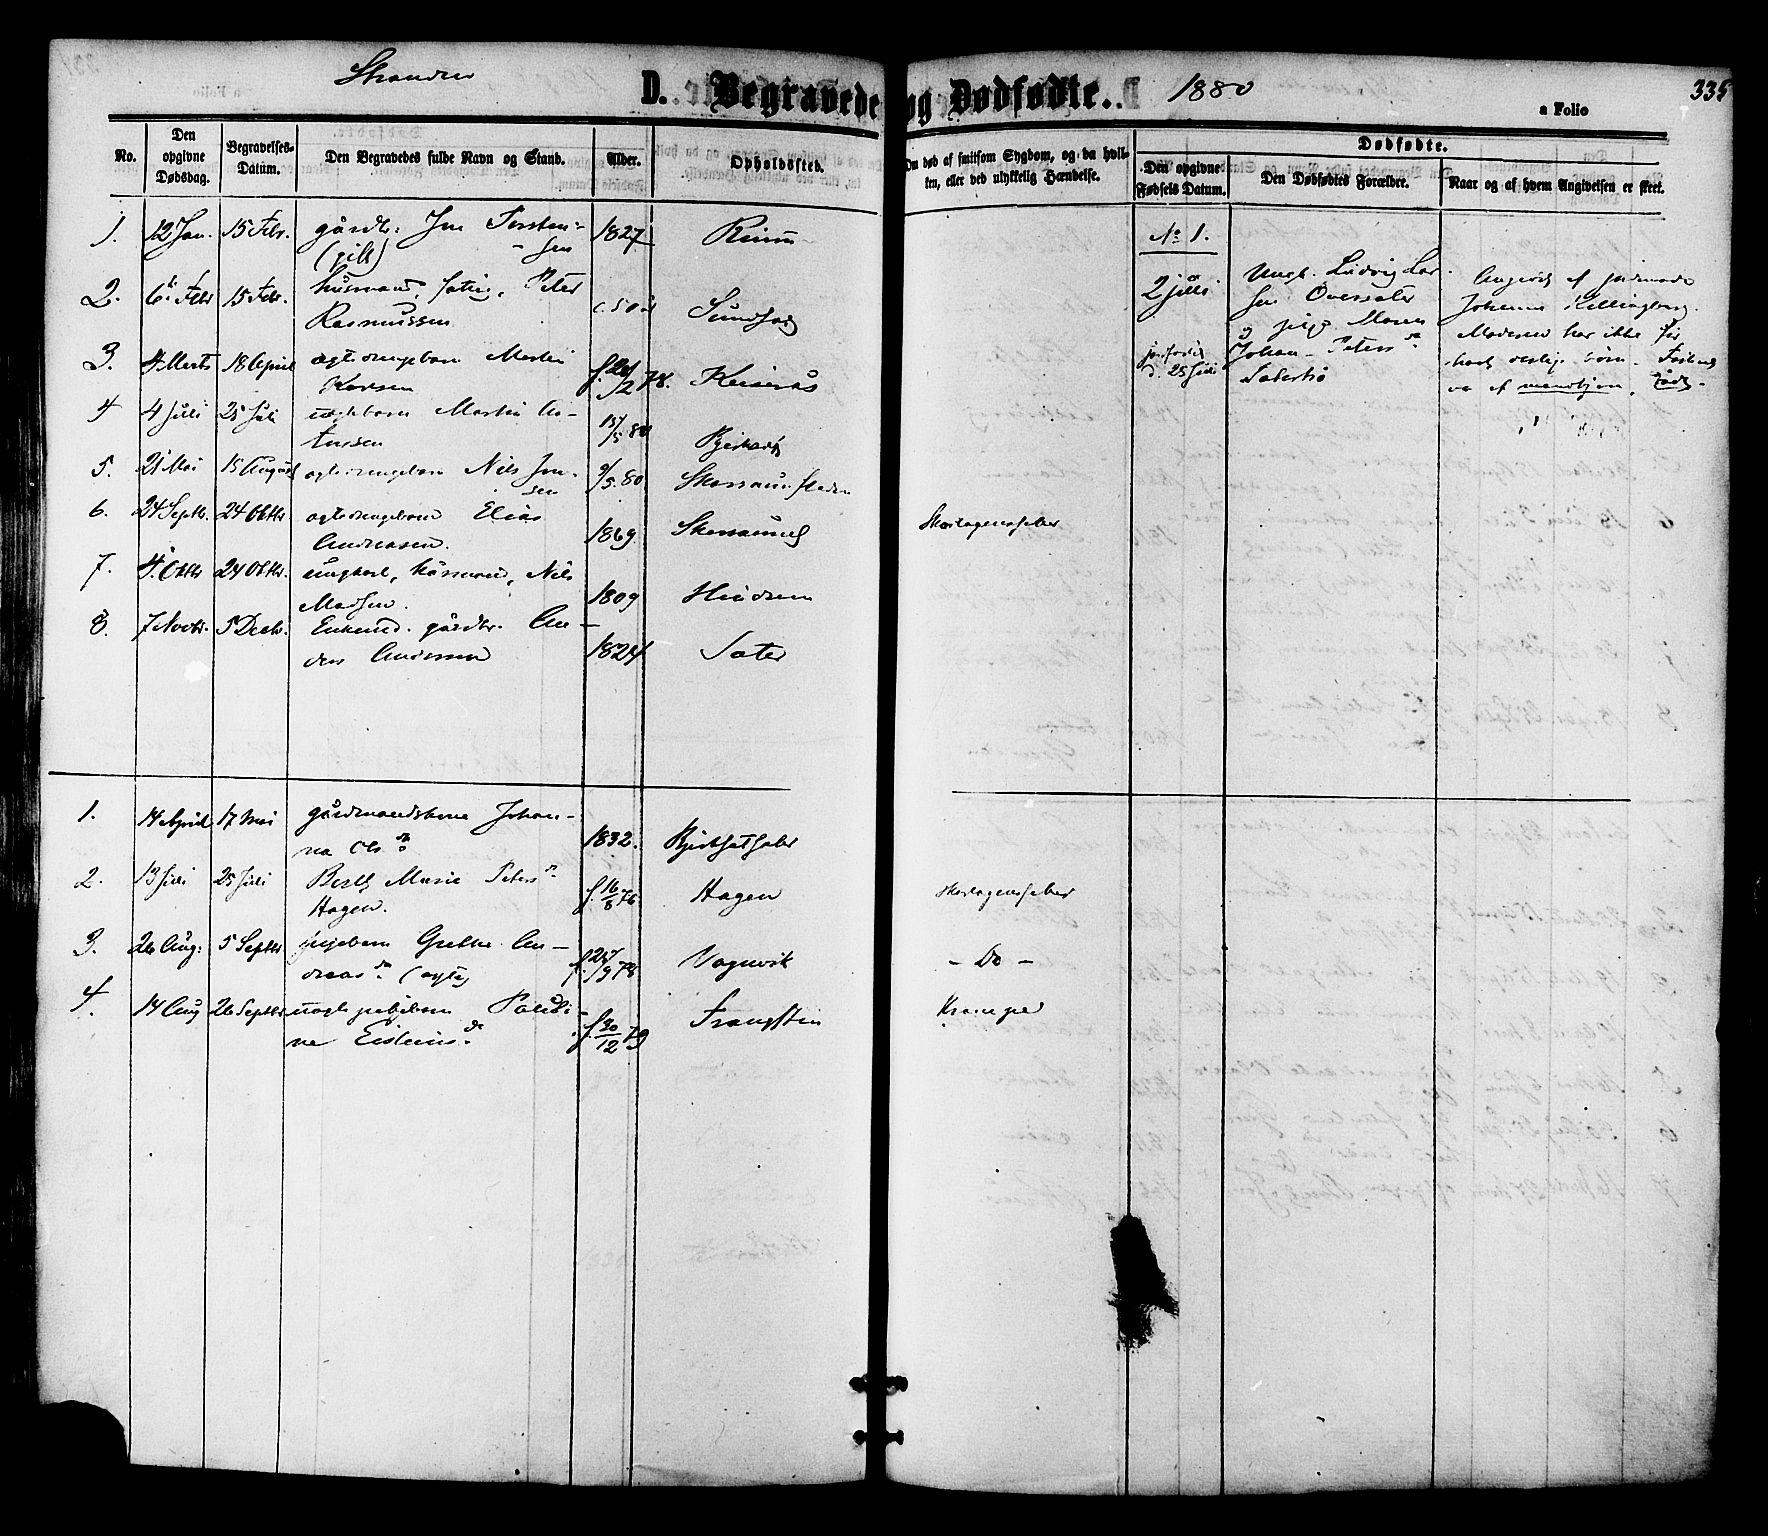 SAT, Ministerialprotokoller, klokkerbøker og fødselsregistre - Nord-Trøndelag, 701/L0009: Ministerialbok nr. 701A09 /2, 1864-1882, s. 335